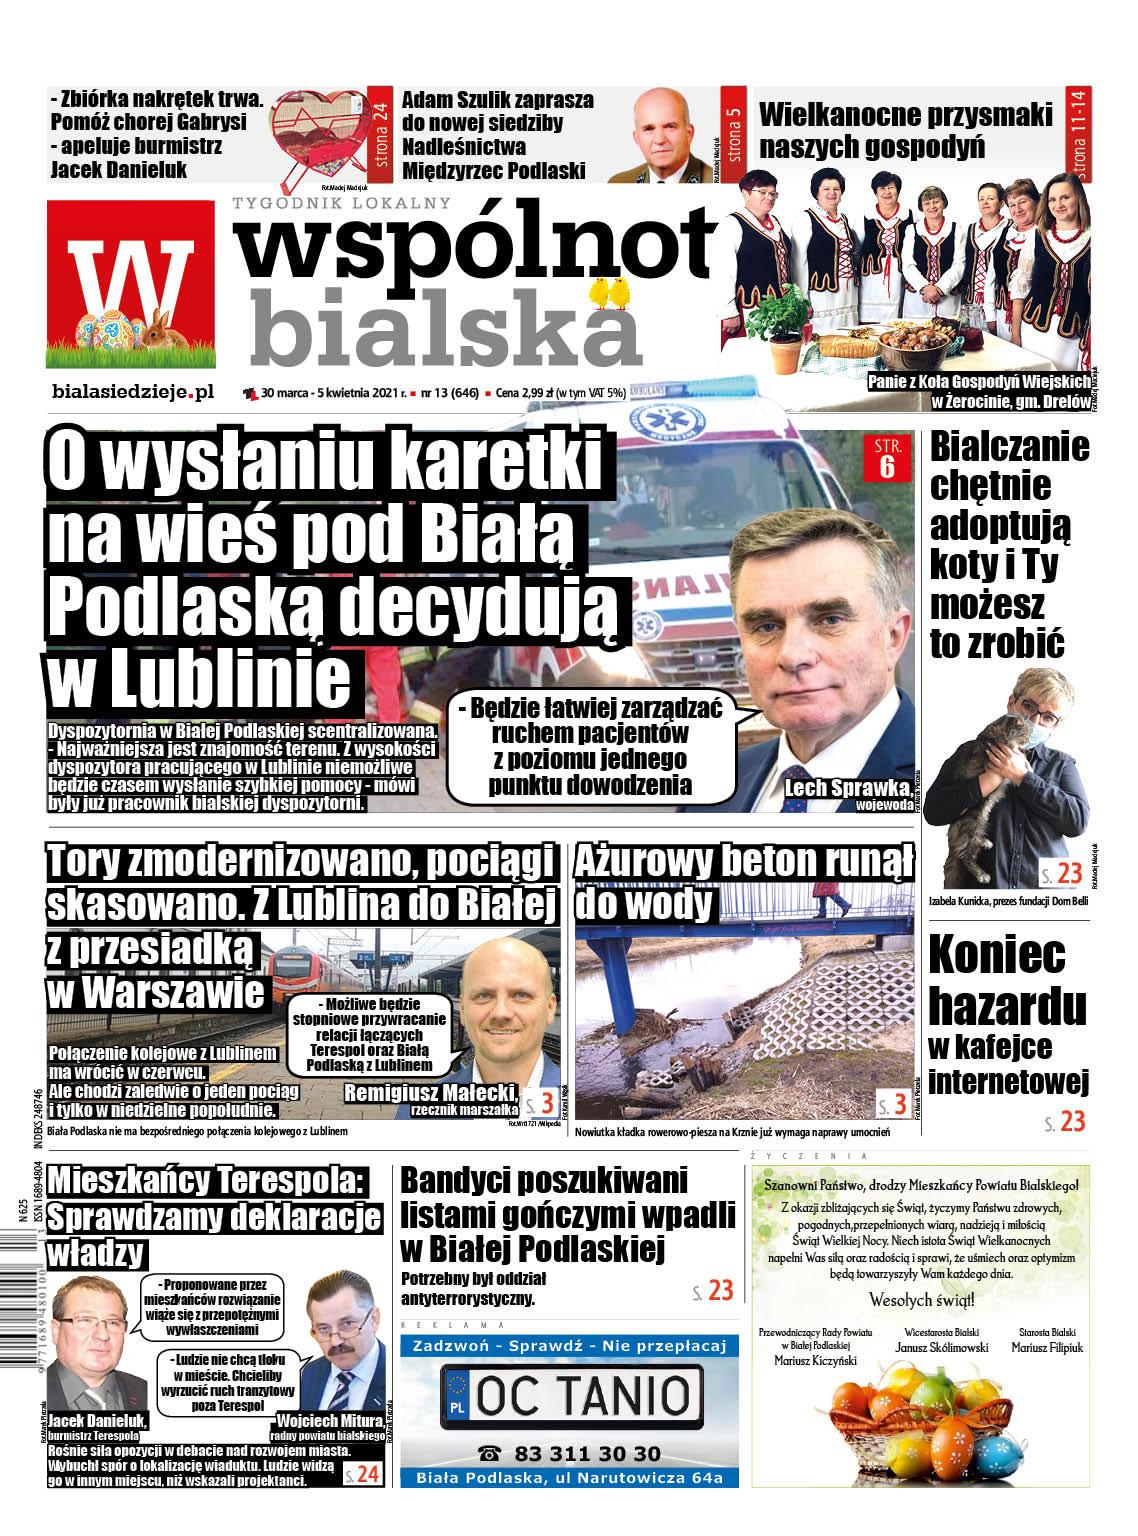 O wysłaniu karetki na wieś pod Białą Podlaską czy Międzyrzec decydują w Lublinie - Zdjęcie główne